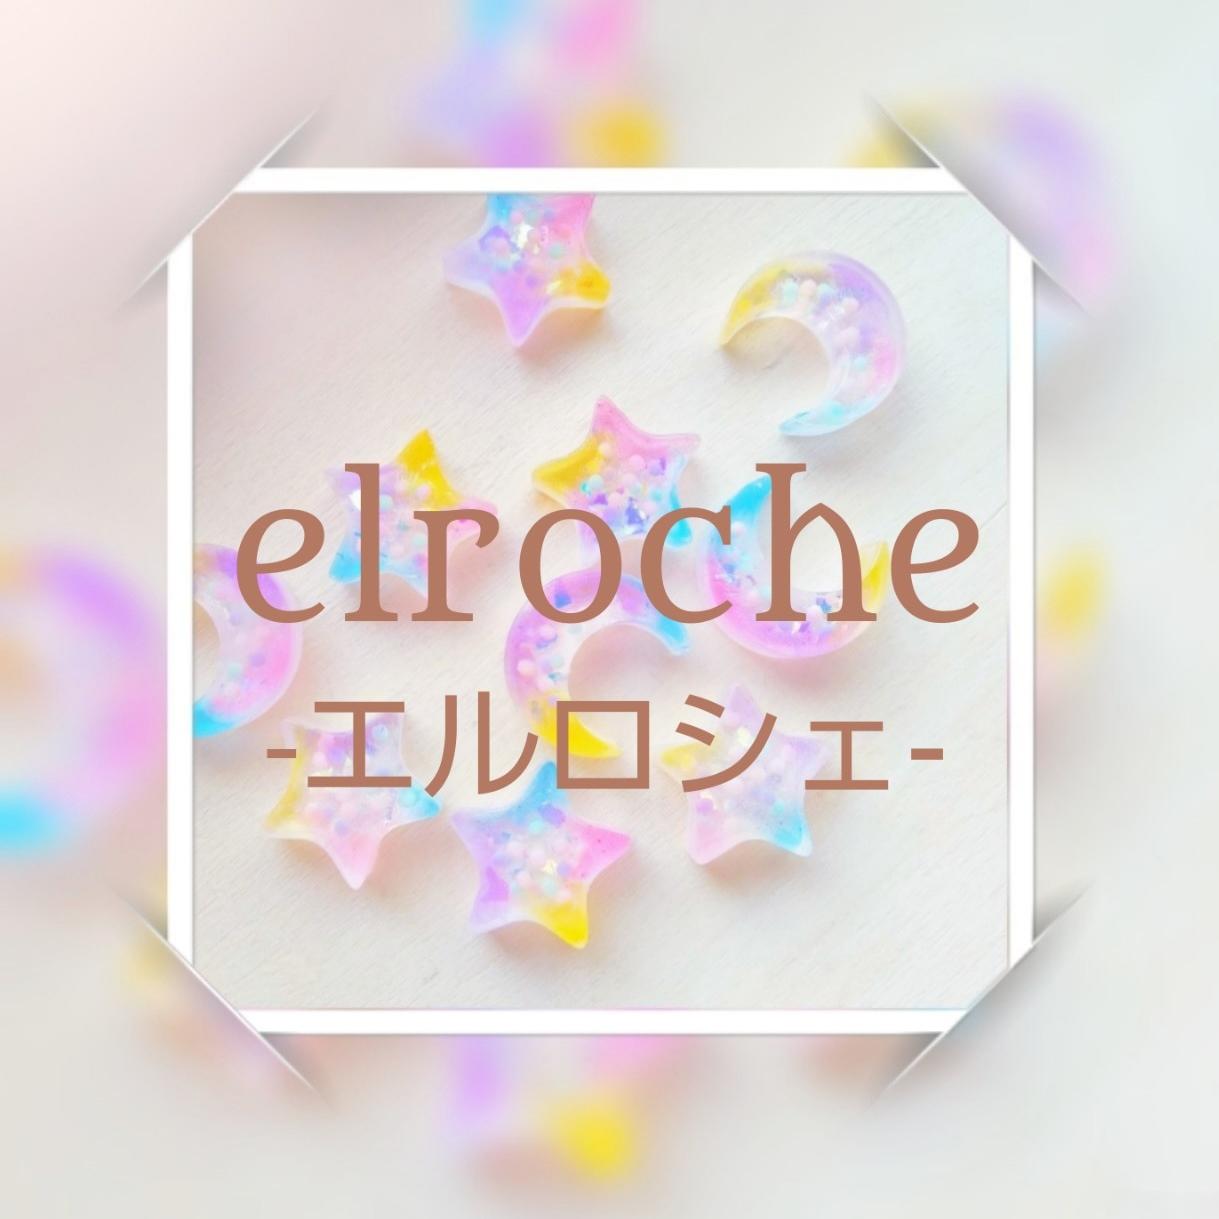 elroche